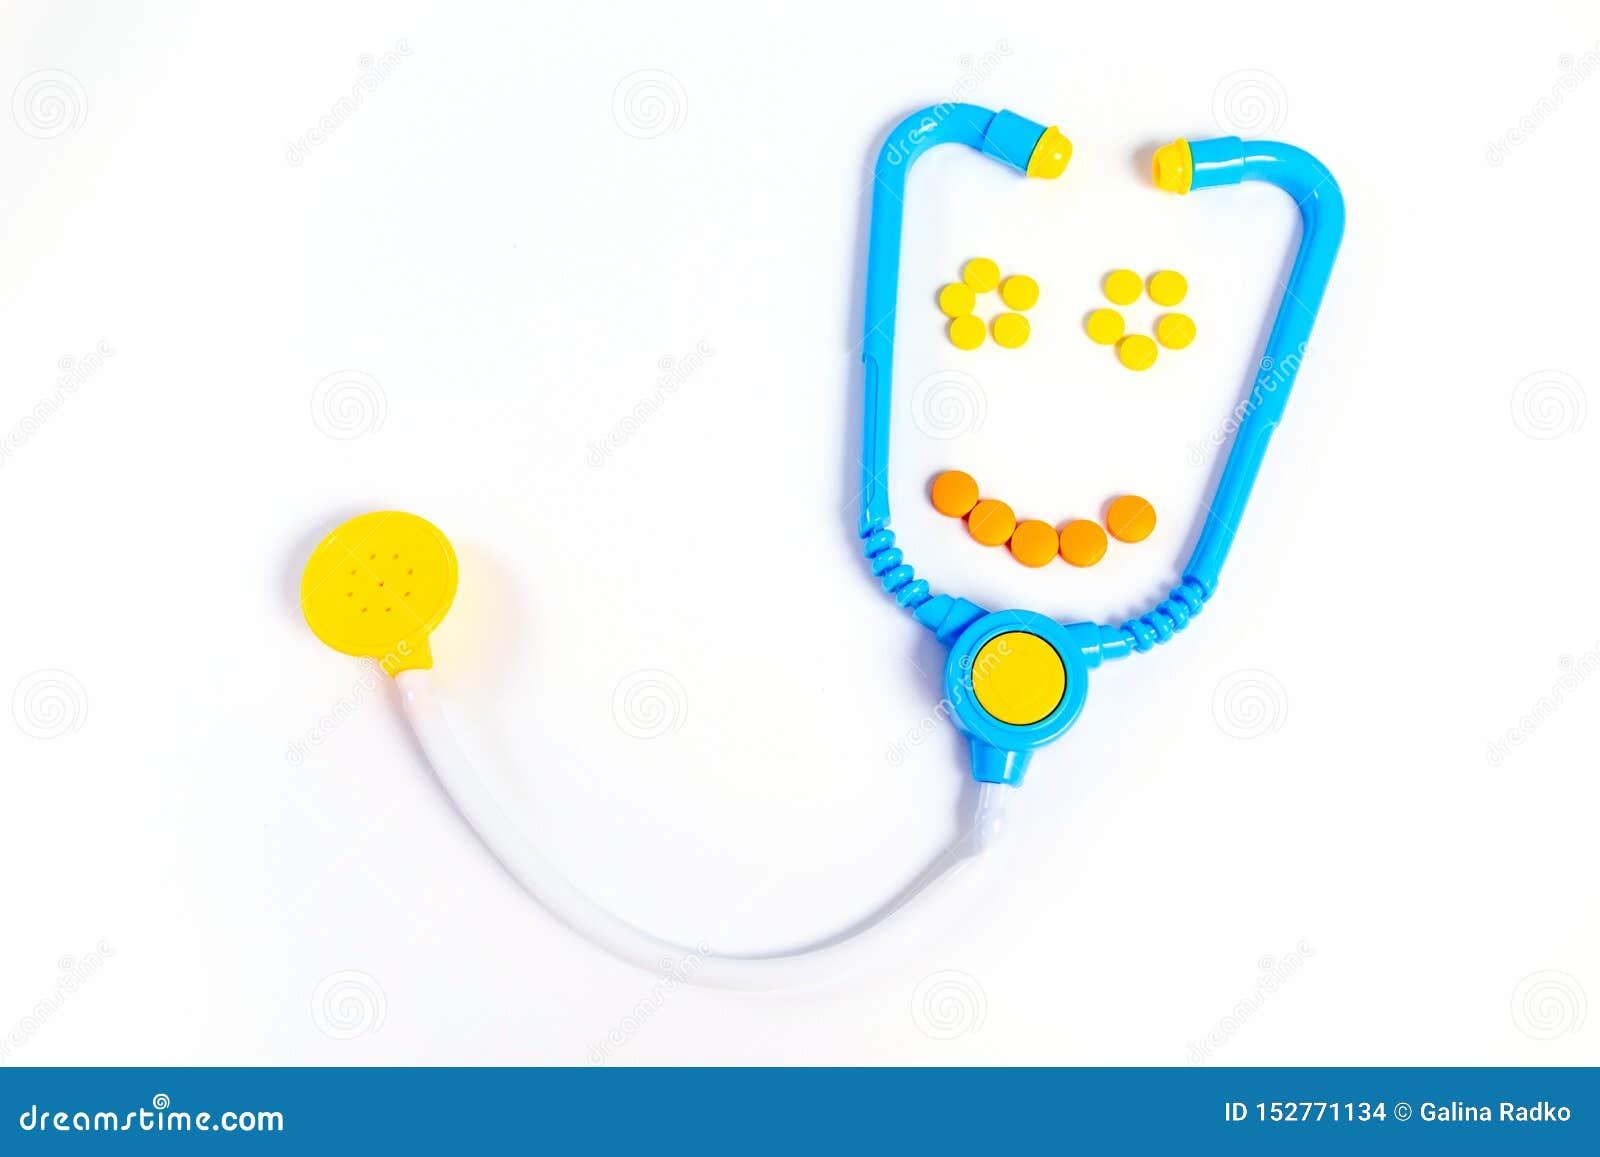 B??kitny stetoskop odizolowywaj?cy na bia?ym tle poj?cie k?ama medycyny pieni?dze ustalonego stetoskop Dziecko zabawki zawód leka